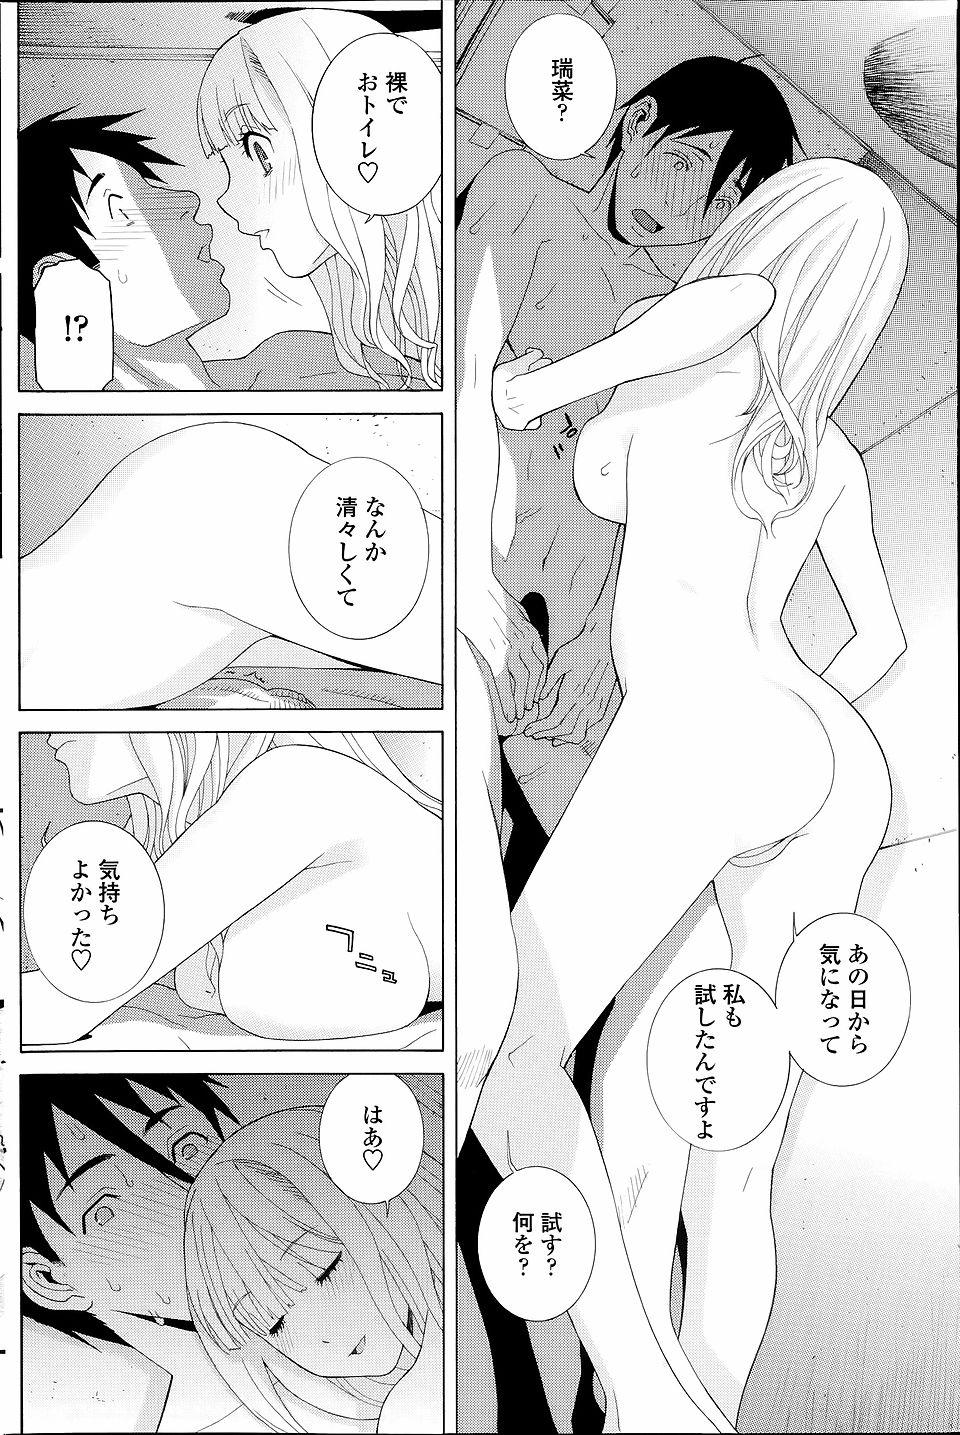 【エロ漫画・エロ同人】全裸でオナニーしてたら巨乳の義妹に見られちゃってぶっかけちゃったwww (10)